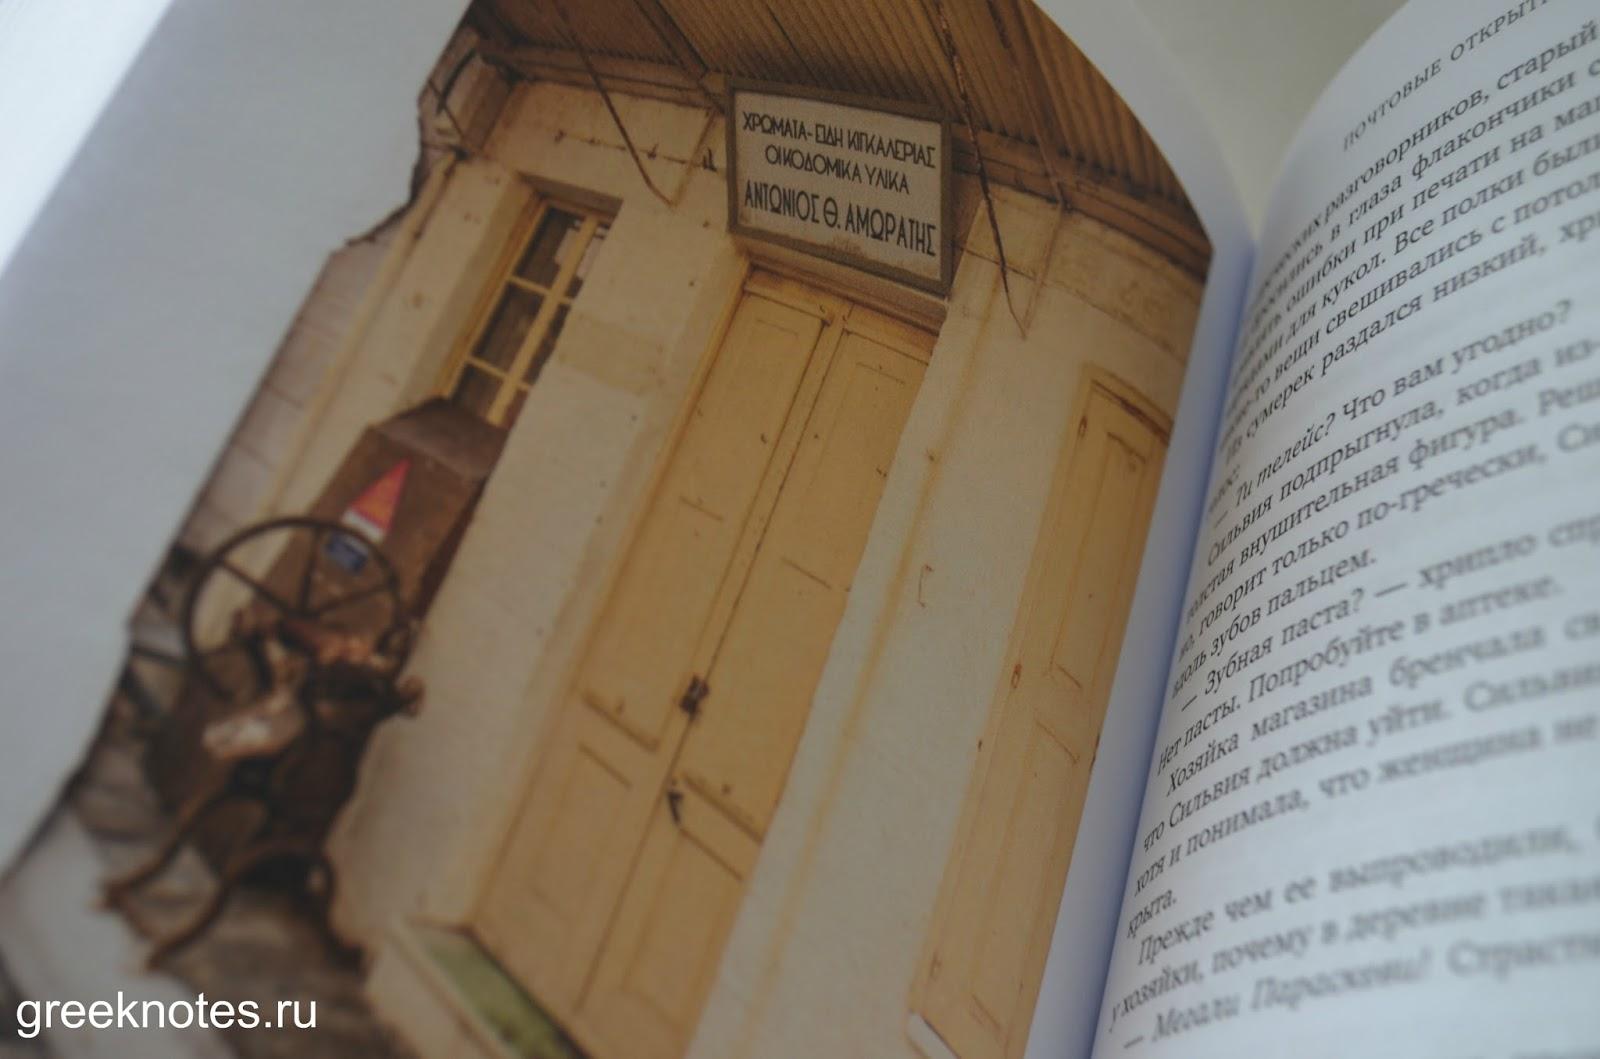 Книга открытки из греции, ютуб поздравление днем